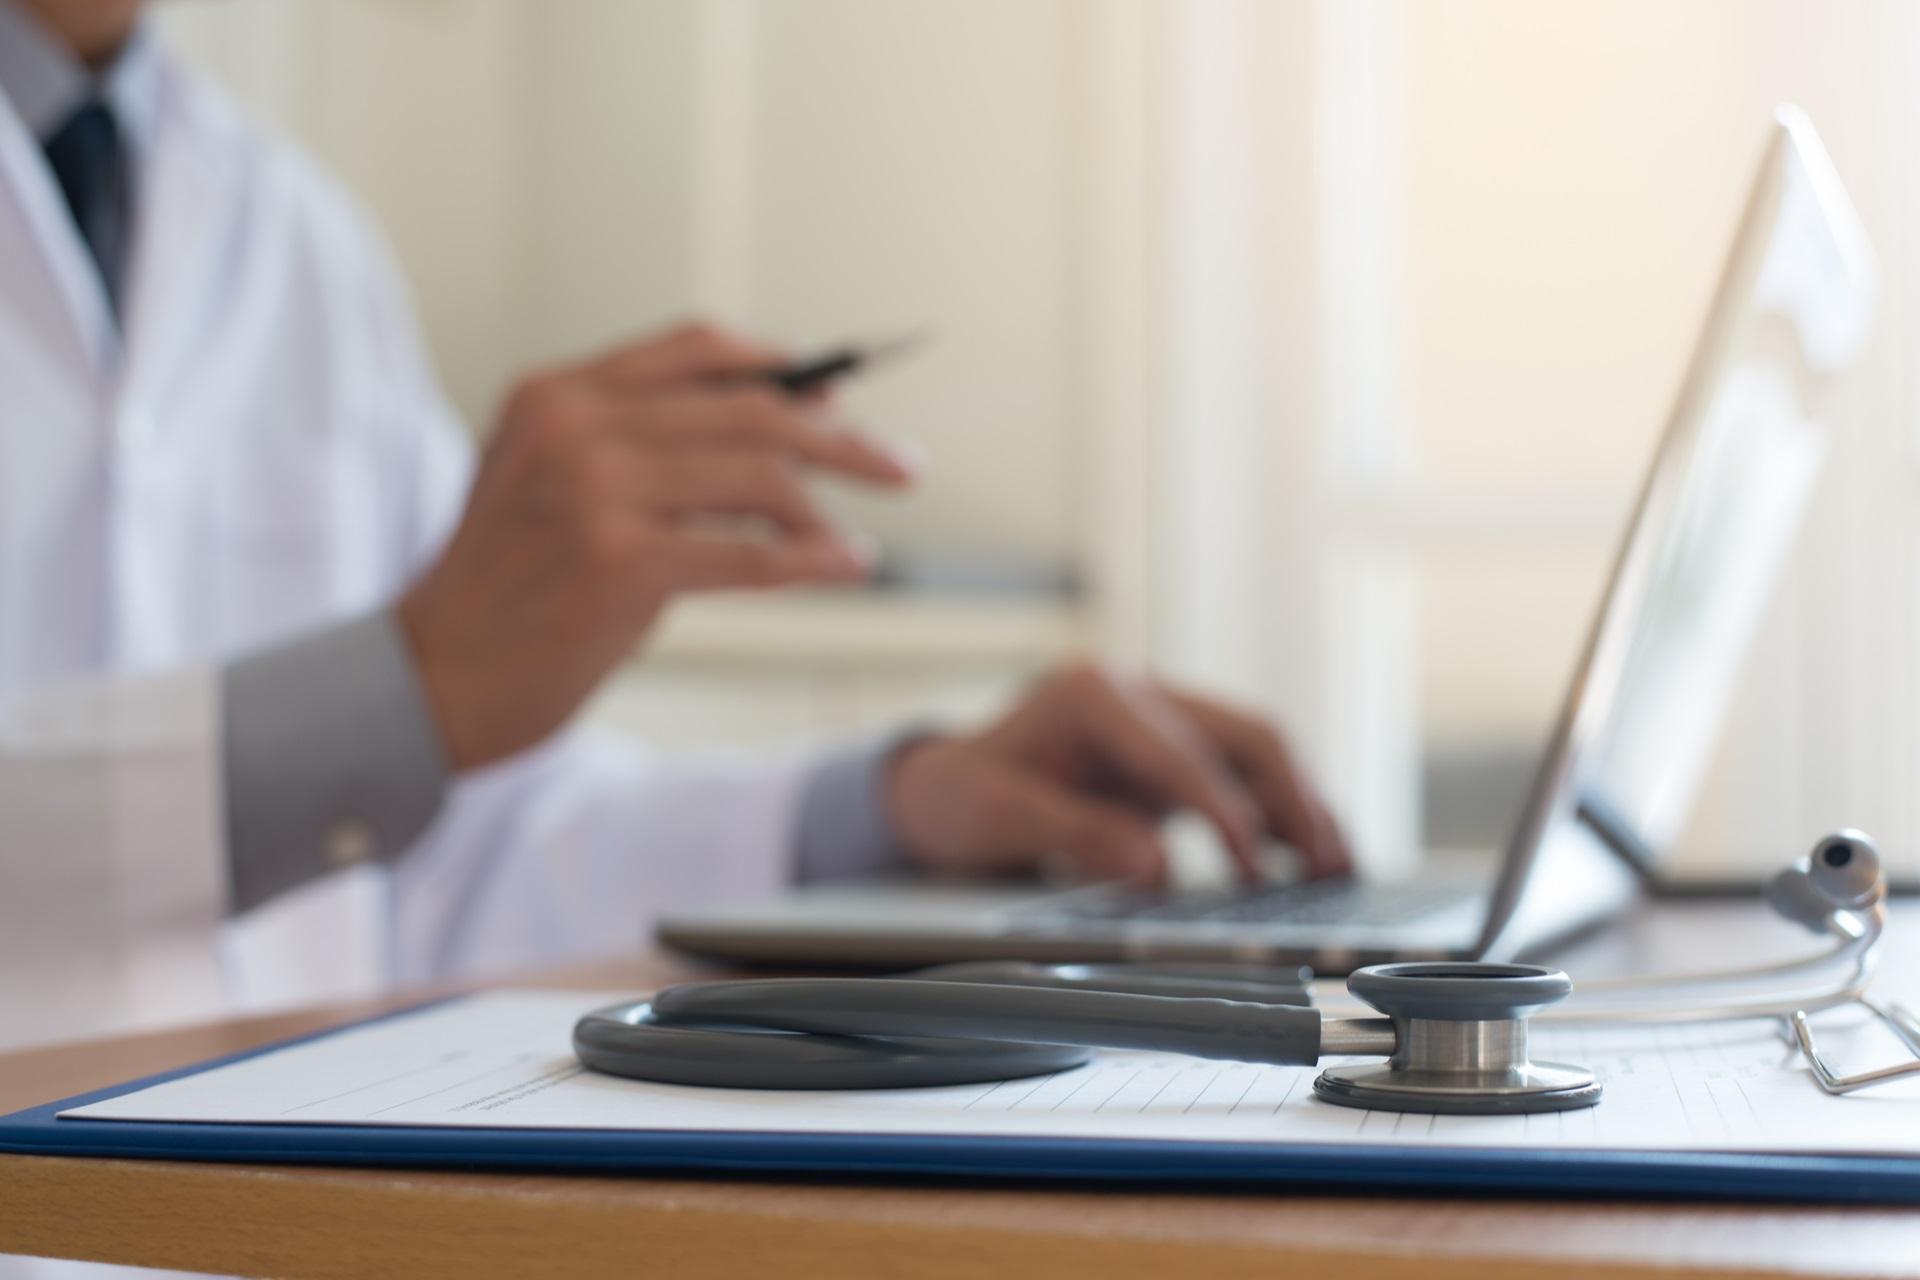 #CDIconVoi: 28 esperti per 12 diverse aree specialistiche.  Attivo il nuovo servizio di videoconsulti online con i medici del Centro Diagnostico Italiano